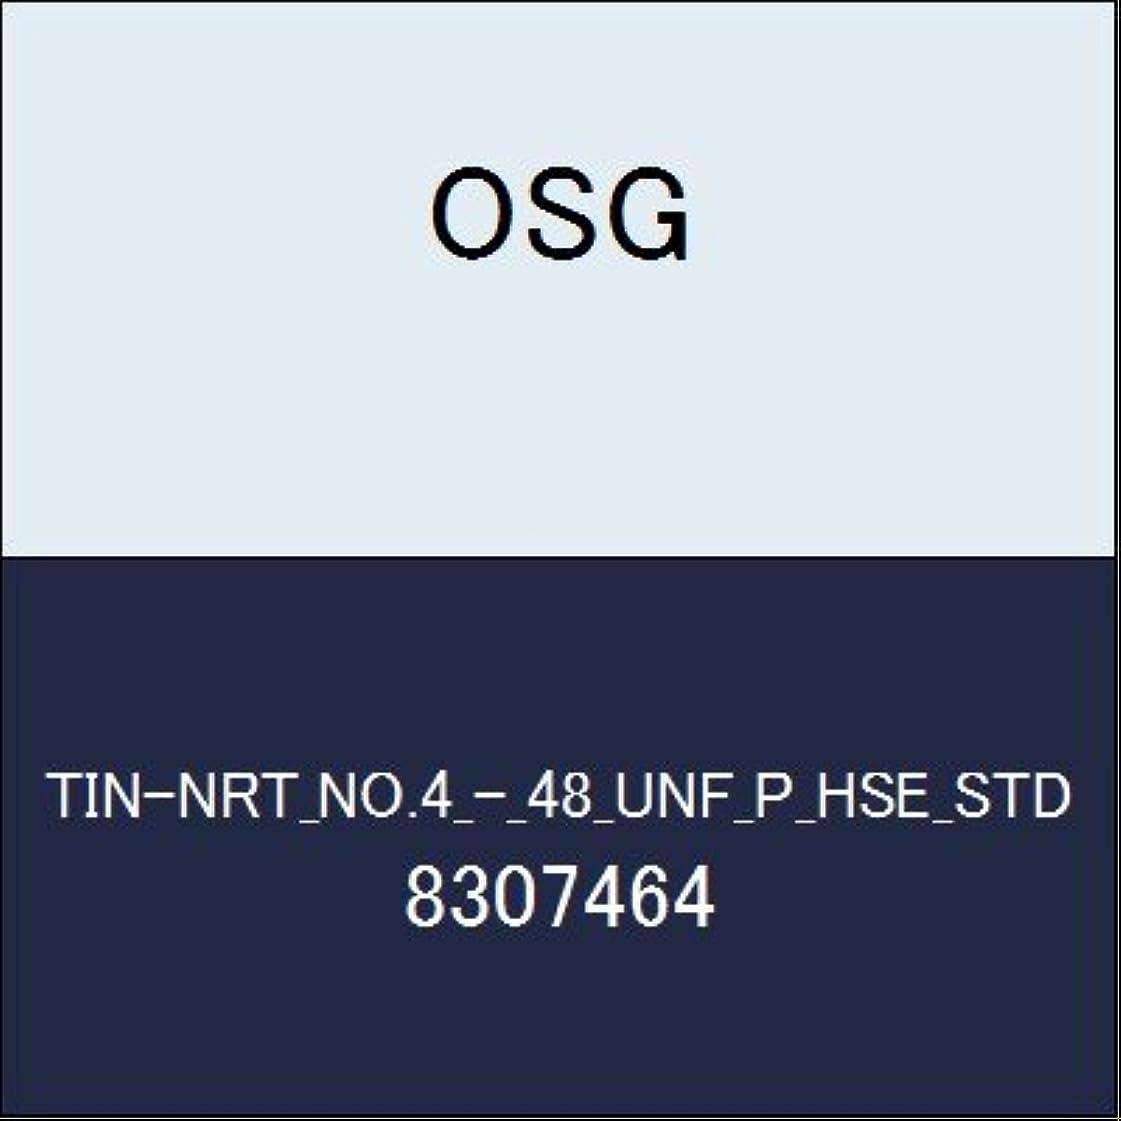 霊ベールエラーOSG ハイス溝ナシタップ TIN-NRT_NO.4_-_48_UNF_P_HSE_STD 商品番号 8307464